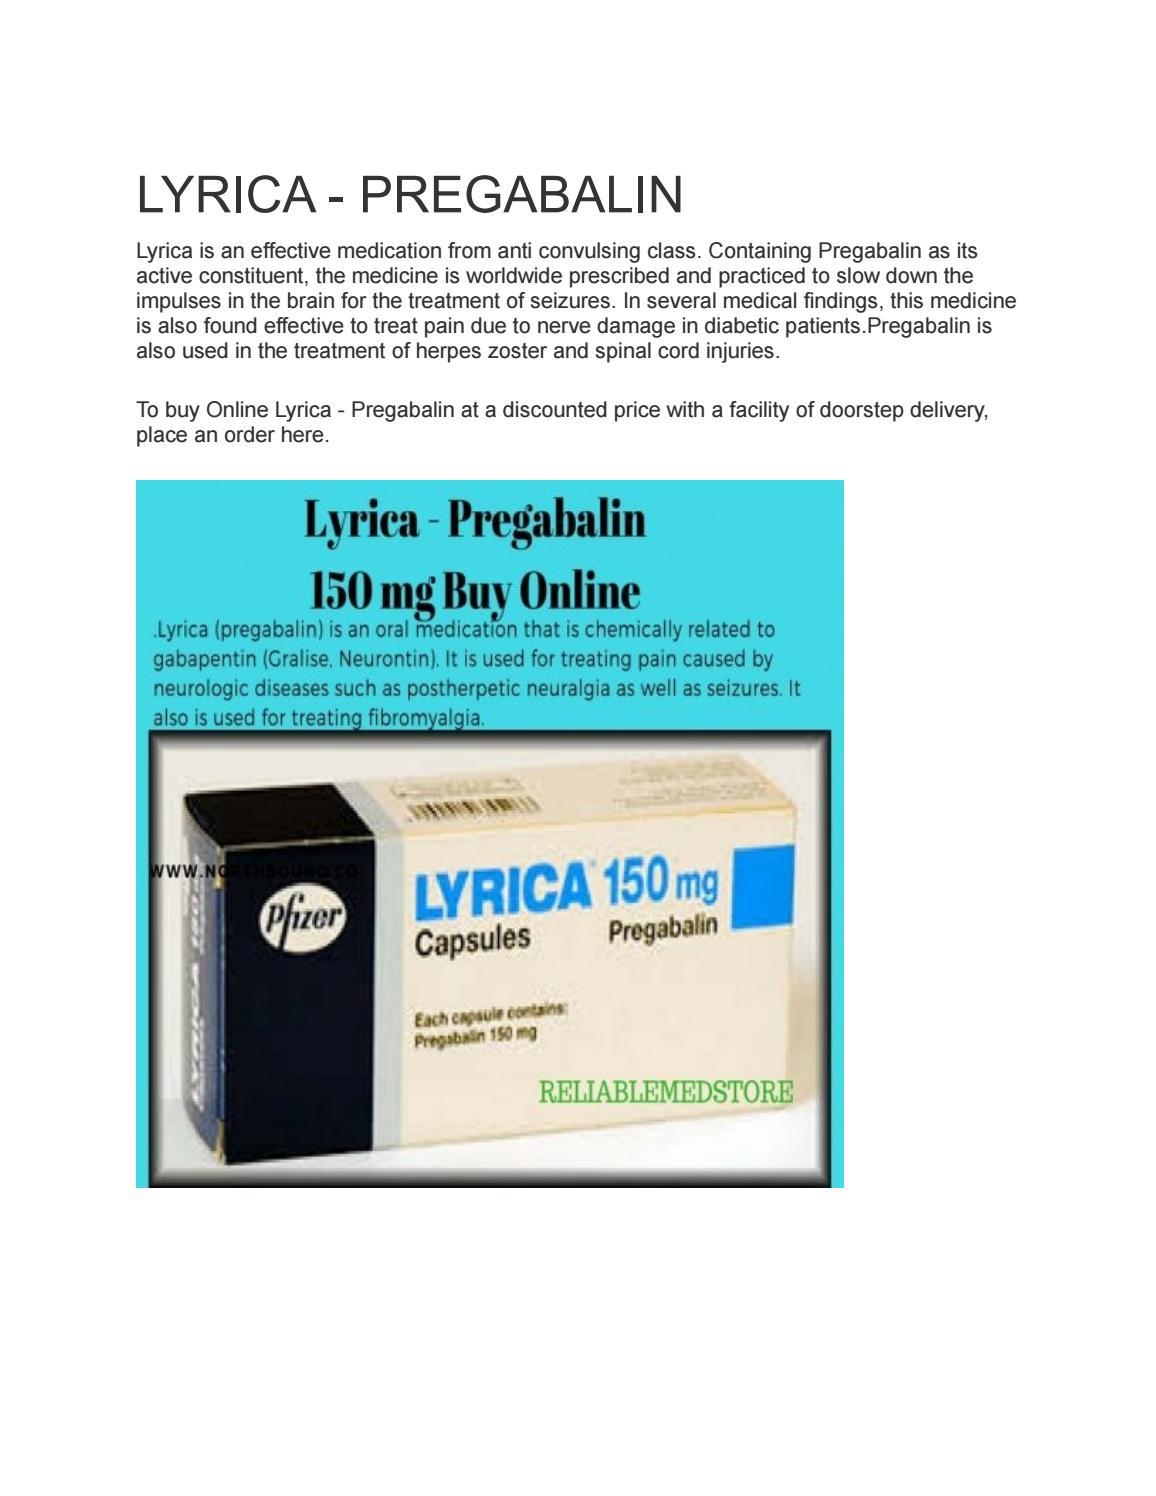 Best way to take lyrica